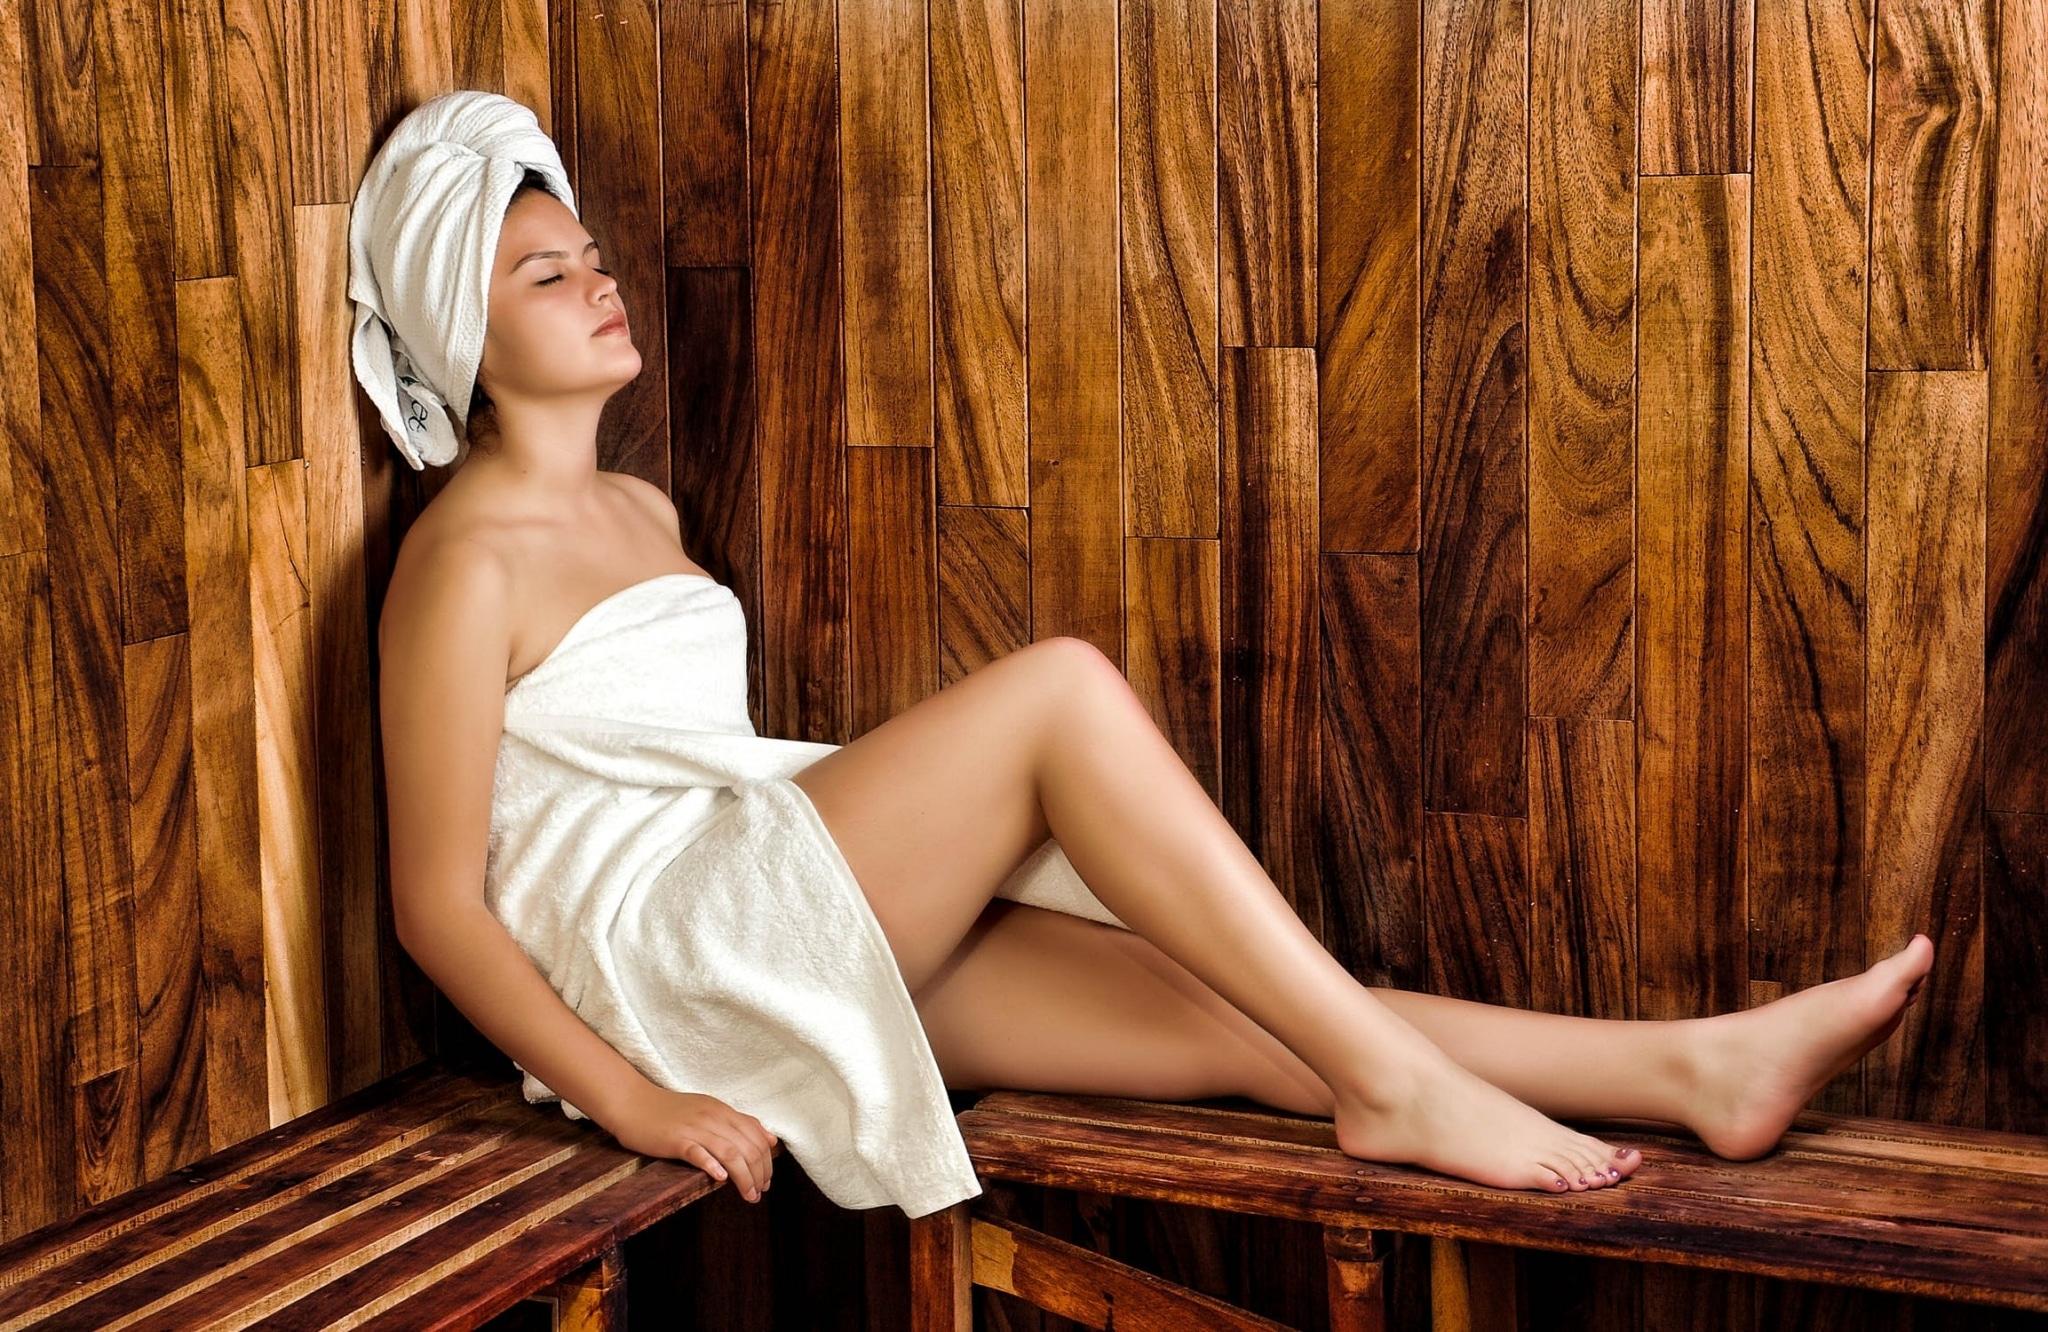 Frau in Handtuch gewickelt sitzt in Ecke von Sauna und hat Augen geschlossen